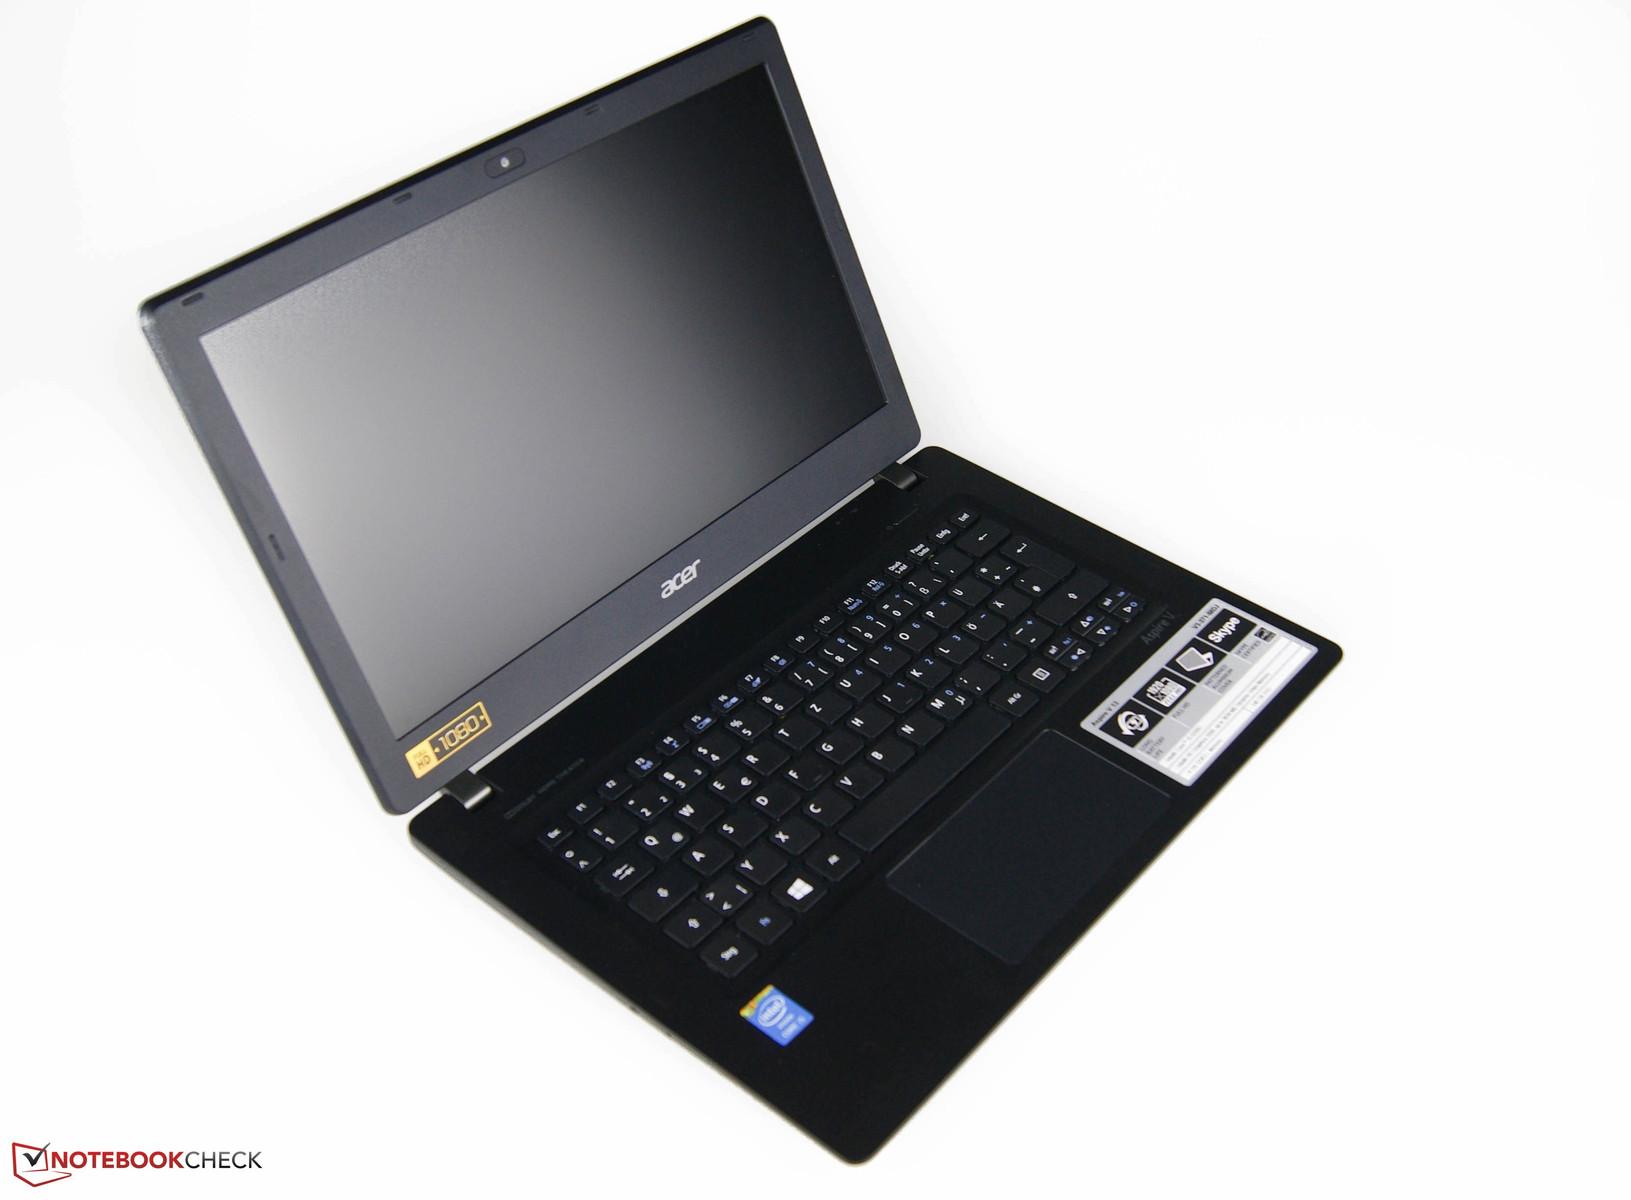 Acer Aspire V3 371 Notebook Review